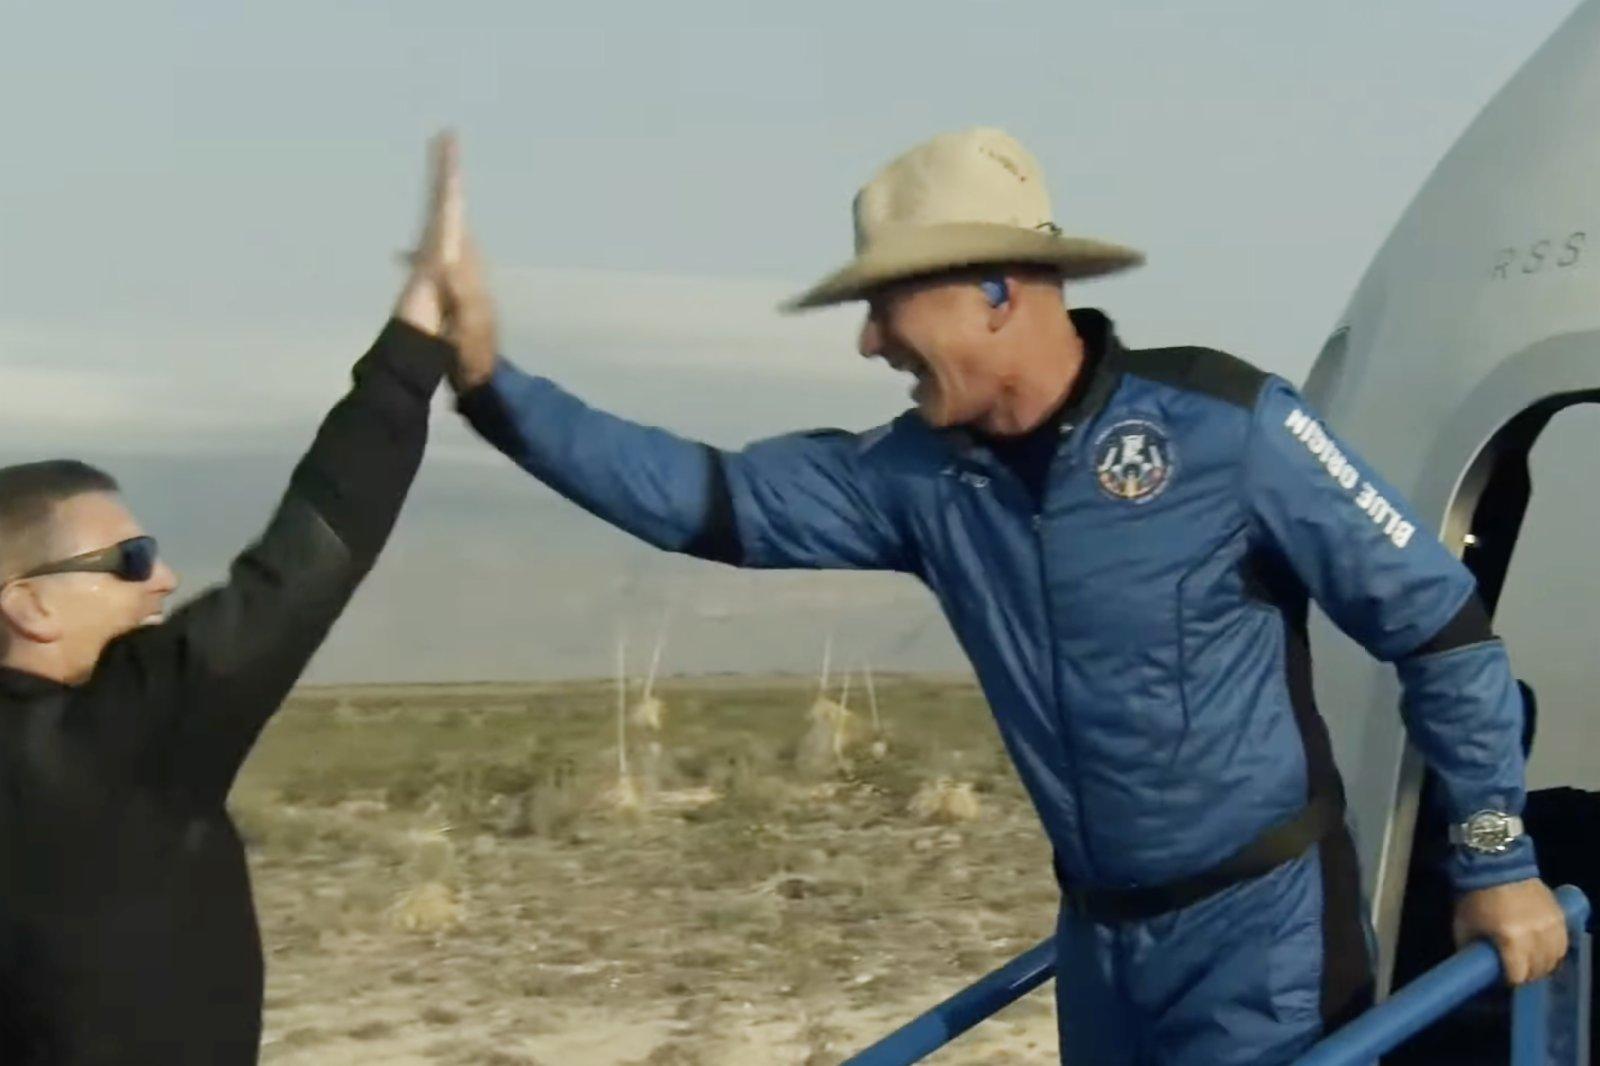 這張美國藍色起源公司7月20日發布的視頻截圖顯示,「新謝潑德」飛行器在美國得克薩斯州西部着陸後,該公司創始人傑夫·貝索斯(右)走出飛行器慶祝。新華社發(藍色起源公司供圖)